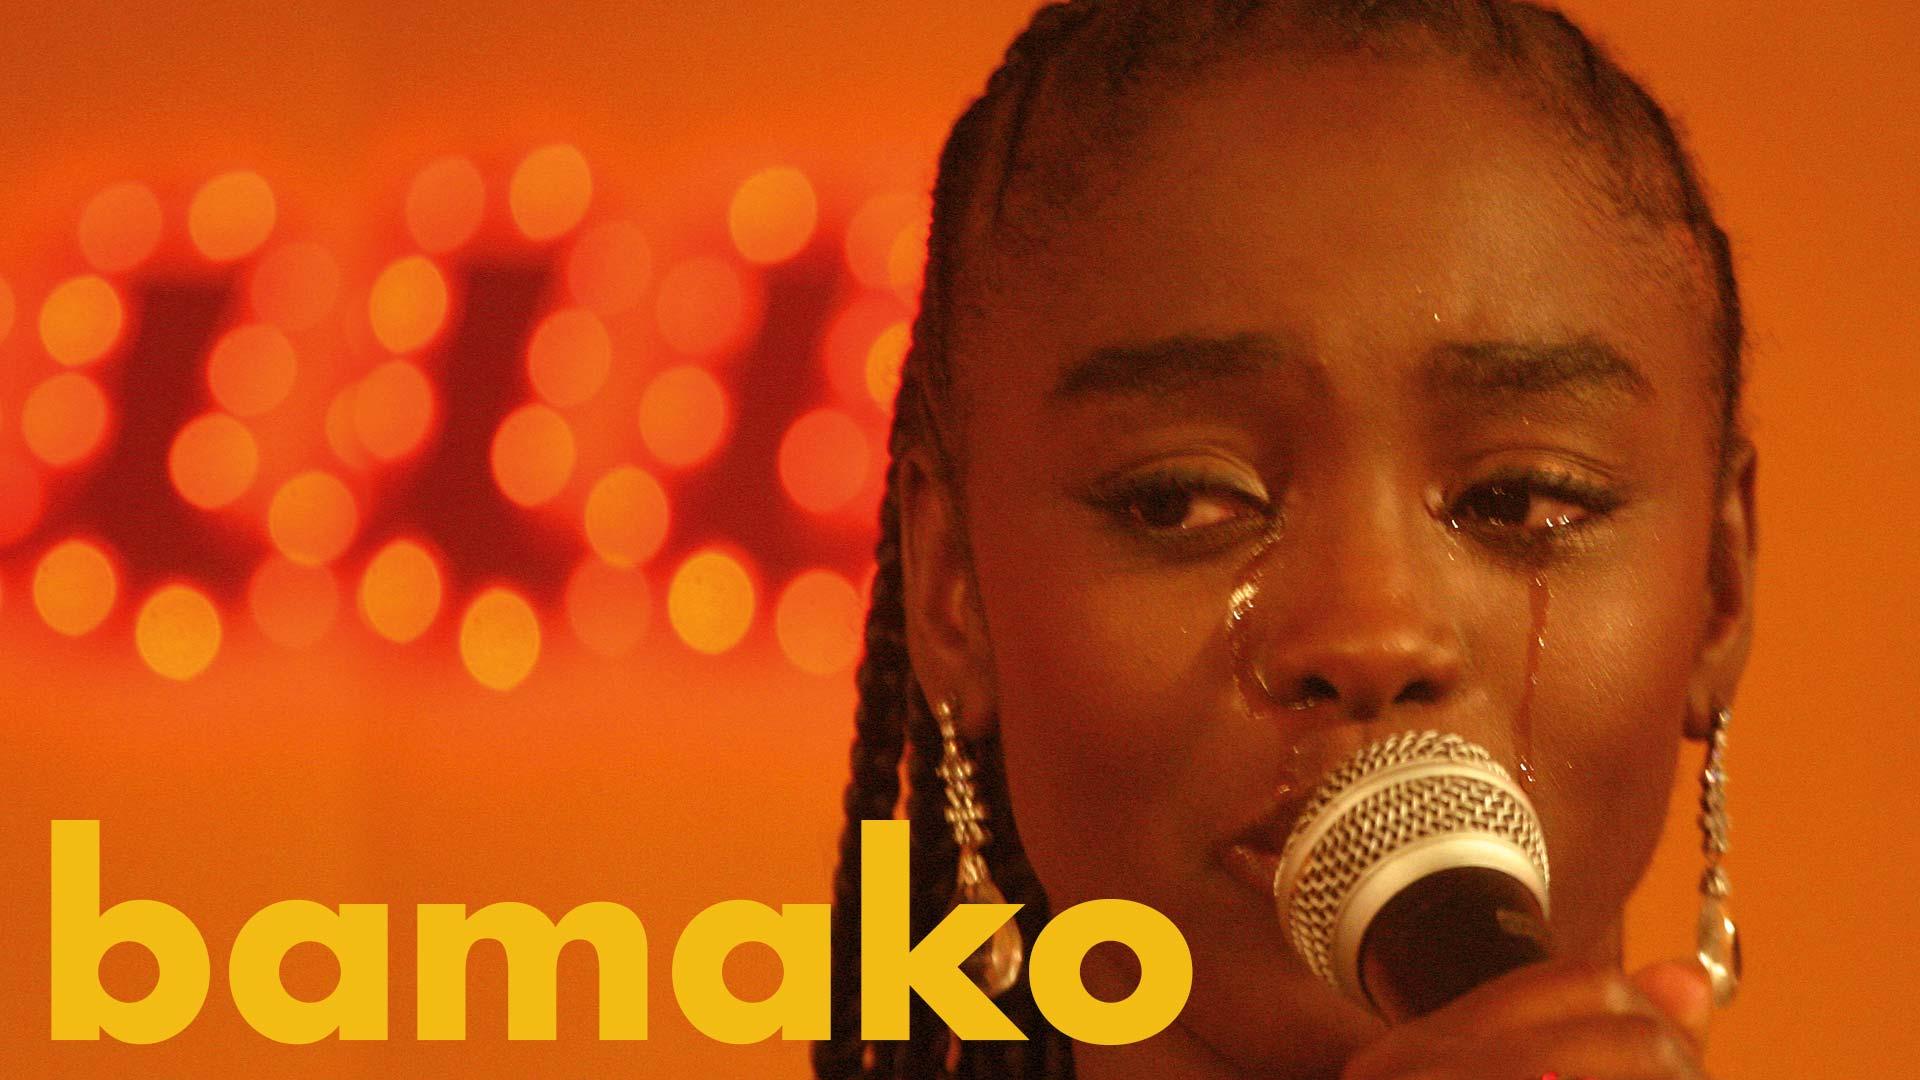 Bamako - image